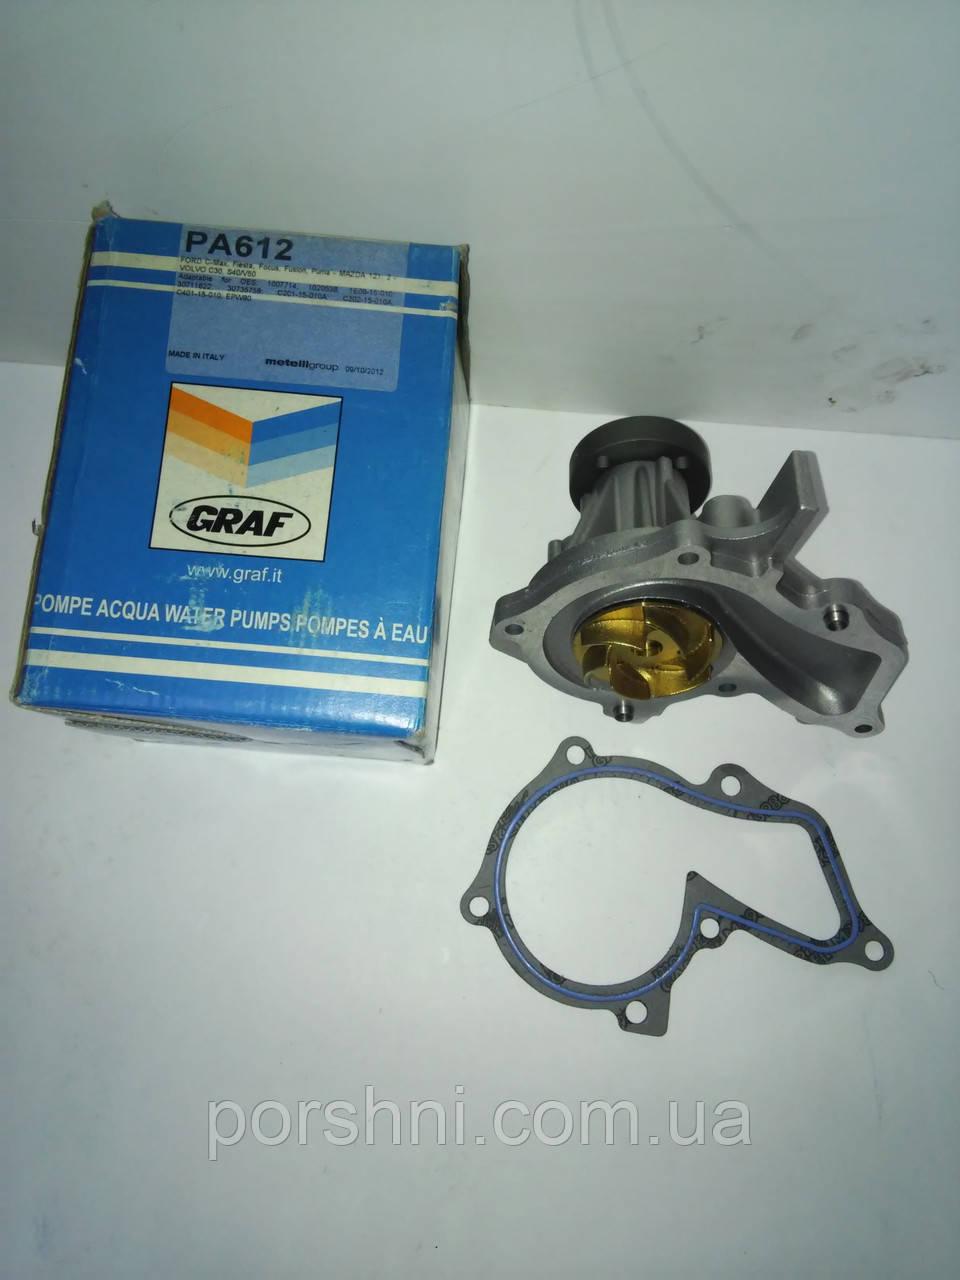 Водяной насос Ford  Focus 98 --  Fiesta 1,25 - 1.4 - 1.6  ЗЭТЭК  96 -- 2001 --  GRAF PA612